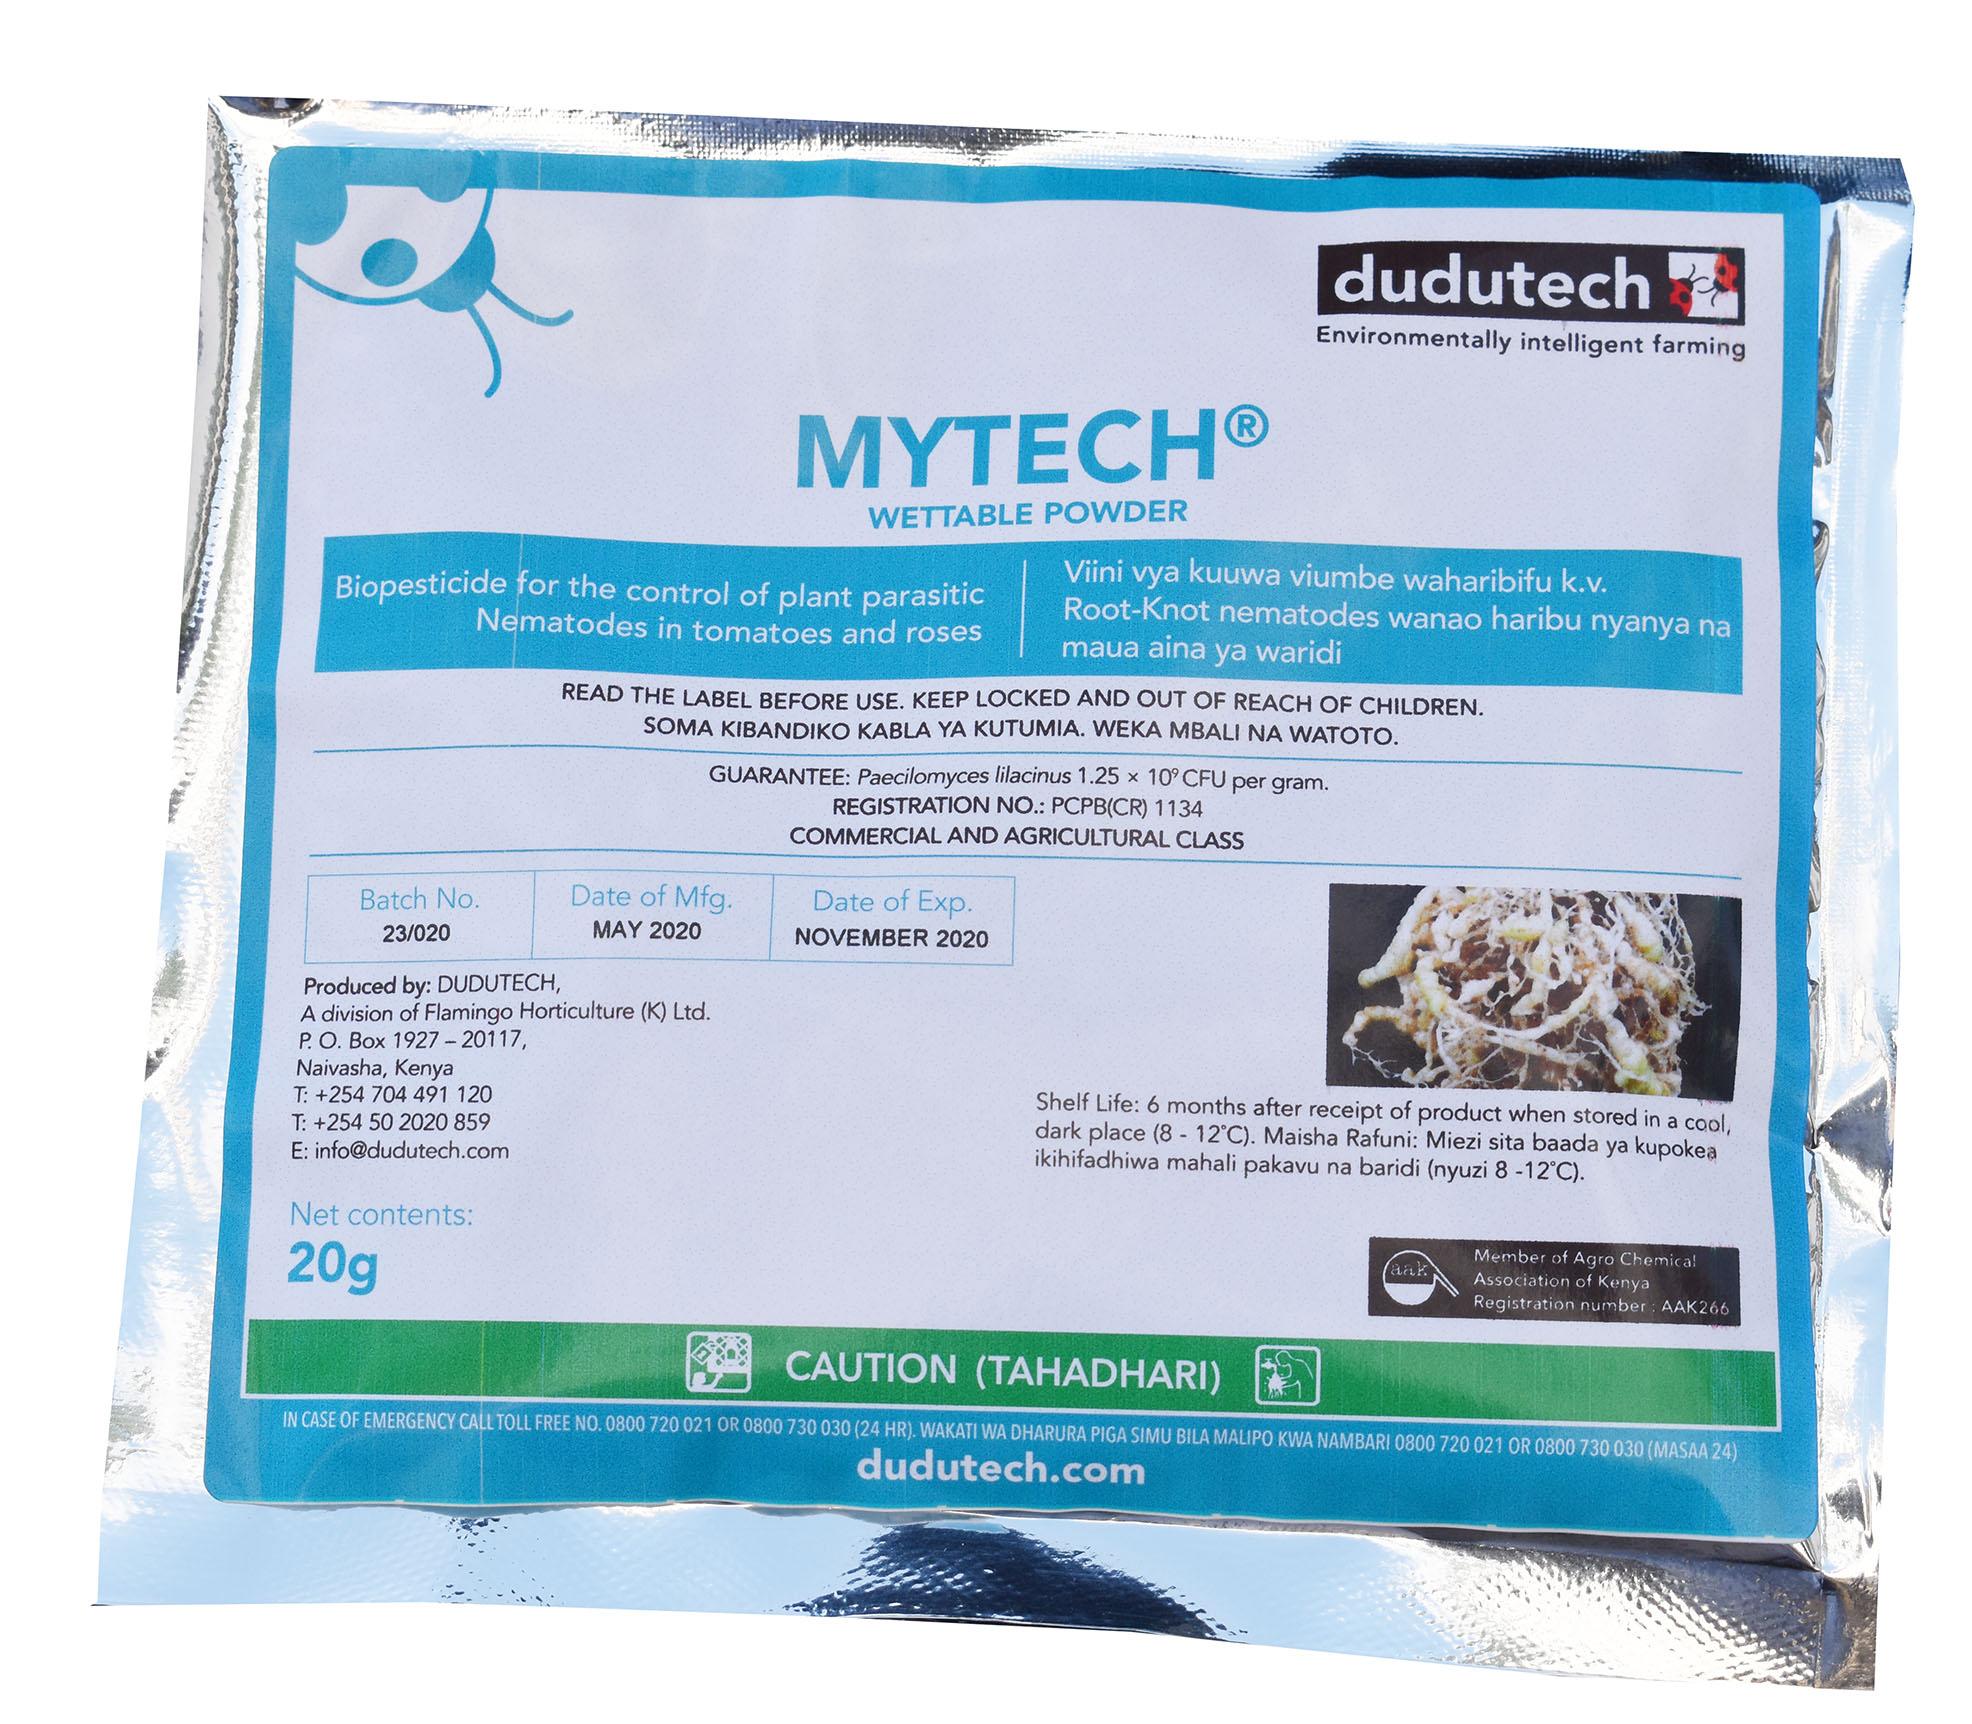 MYTECH